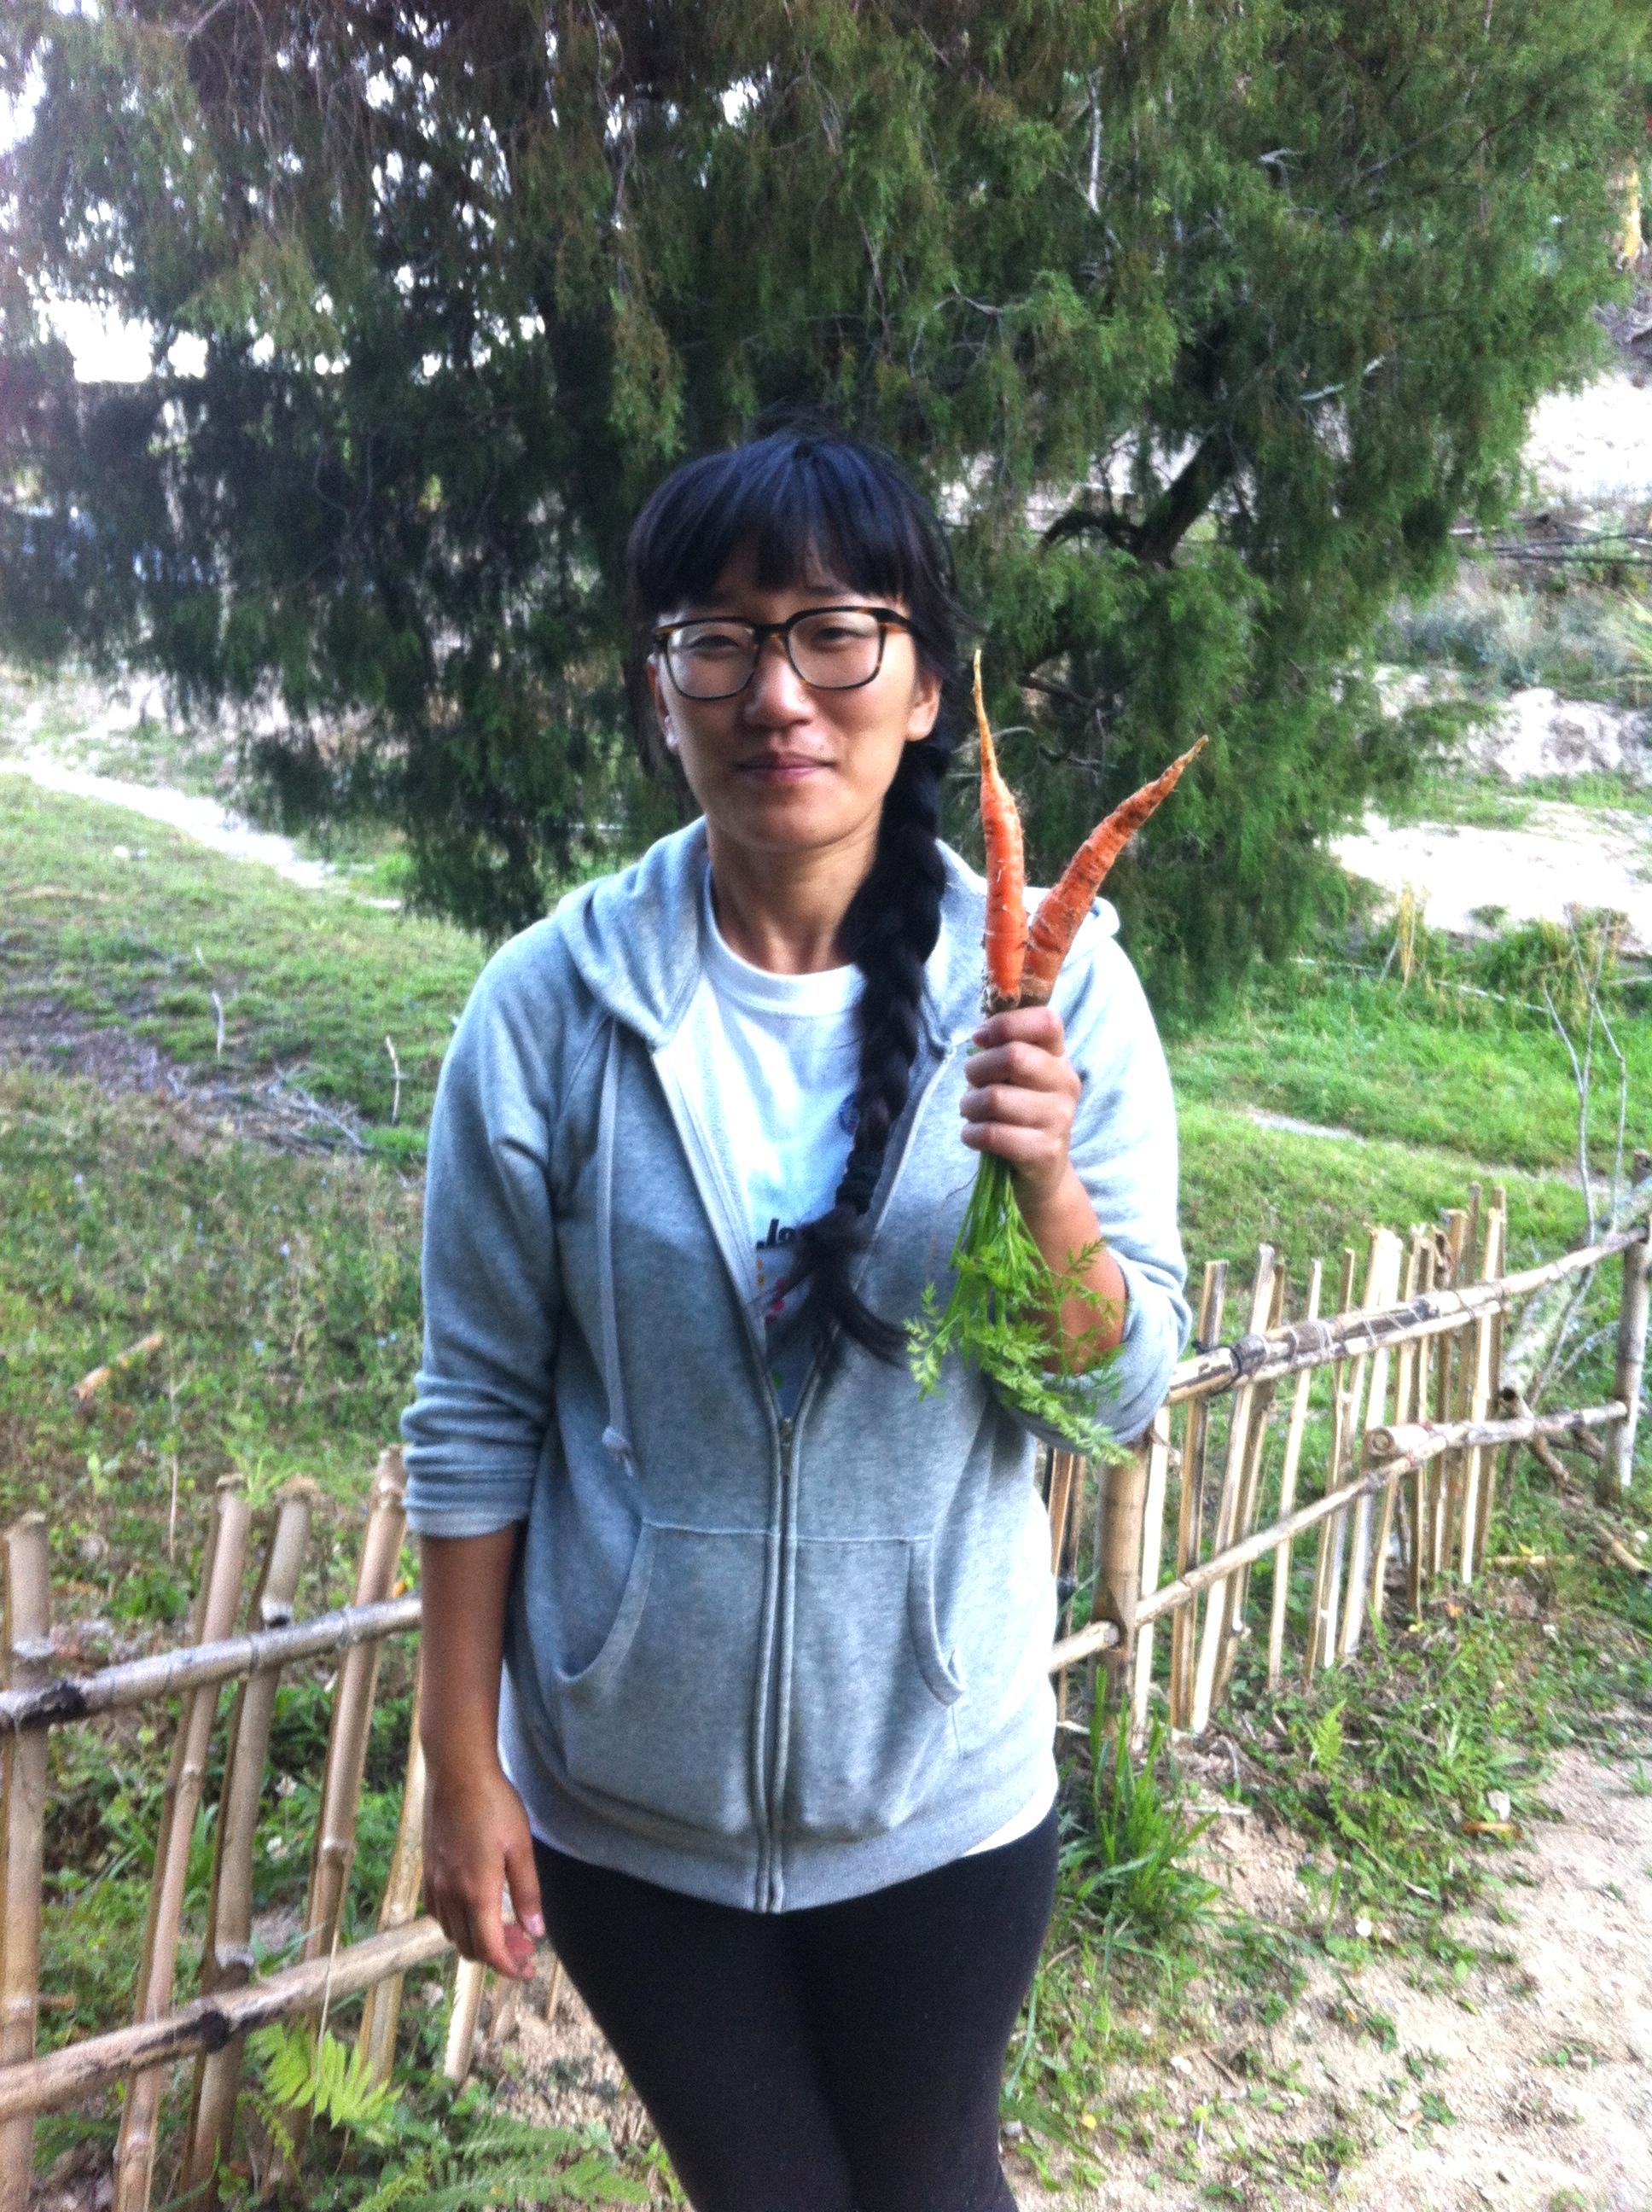 Carrot harvest!